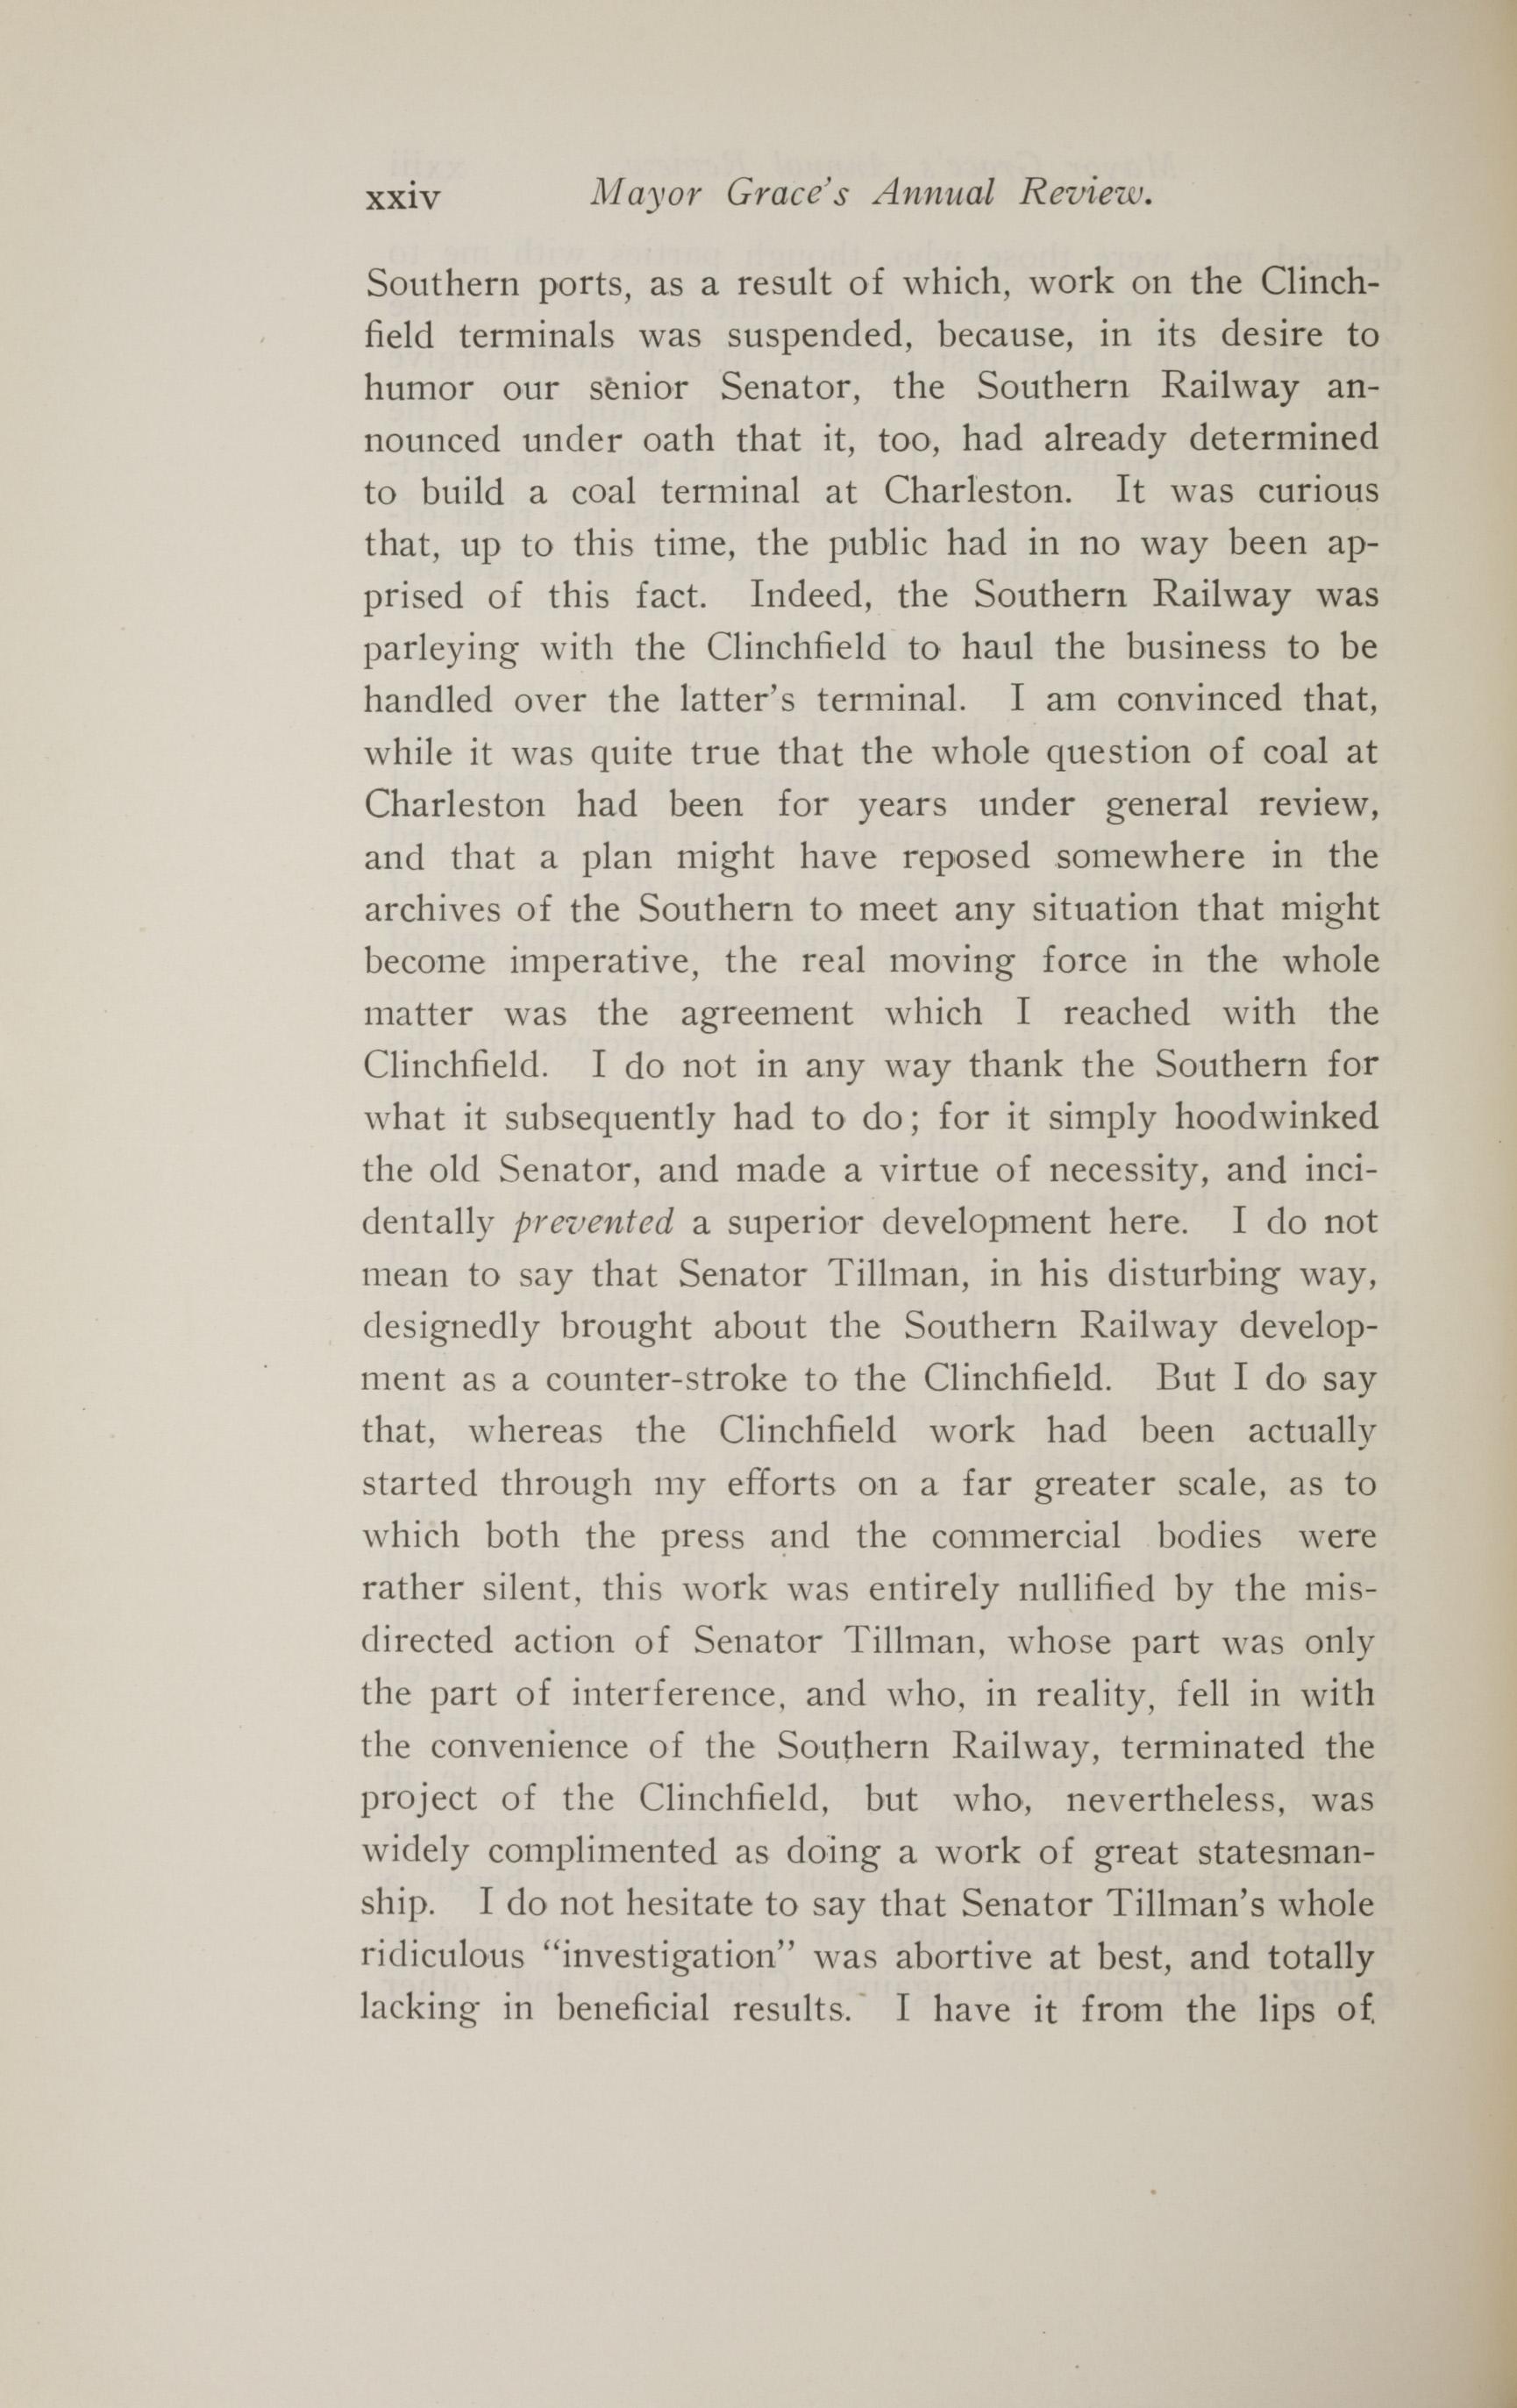 Charleston Yearbook, 1914, page xxiv